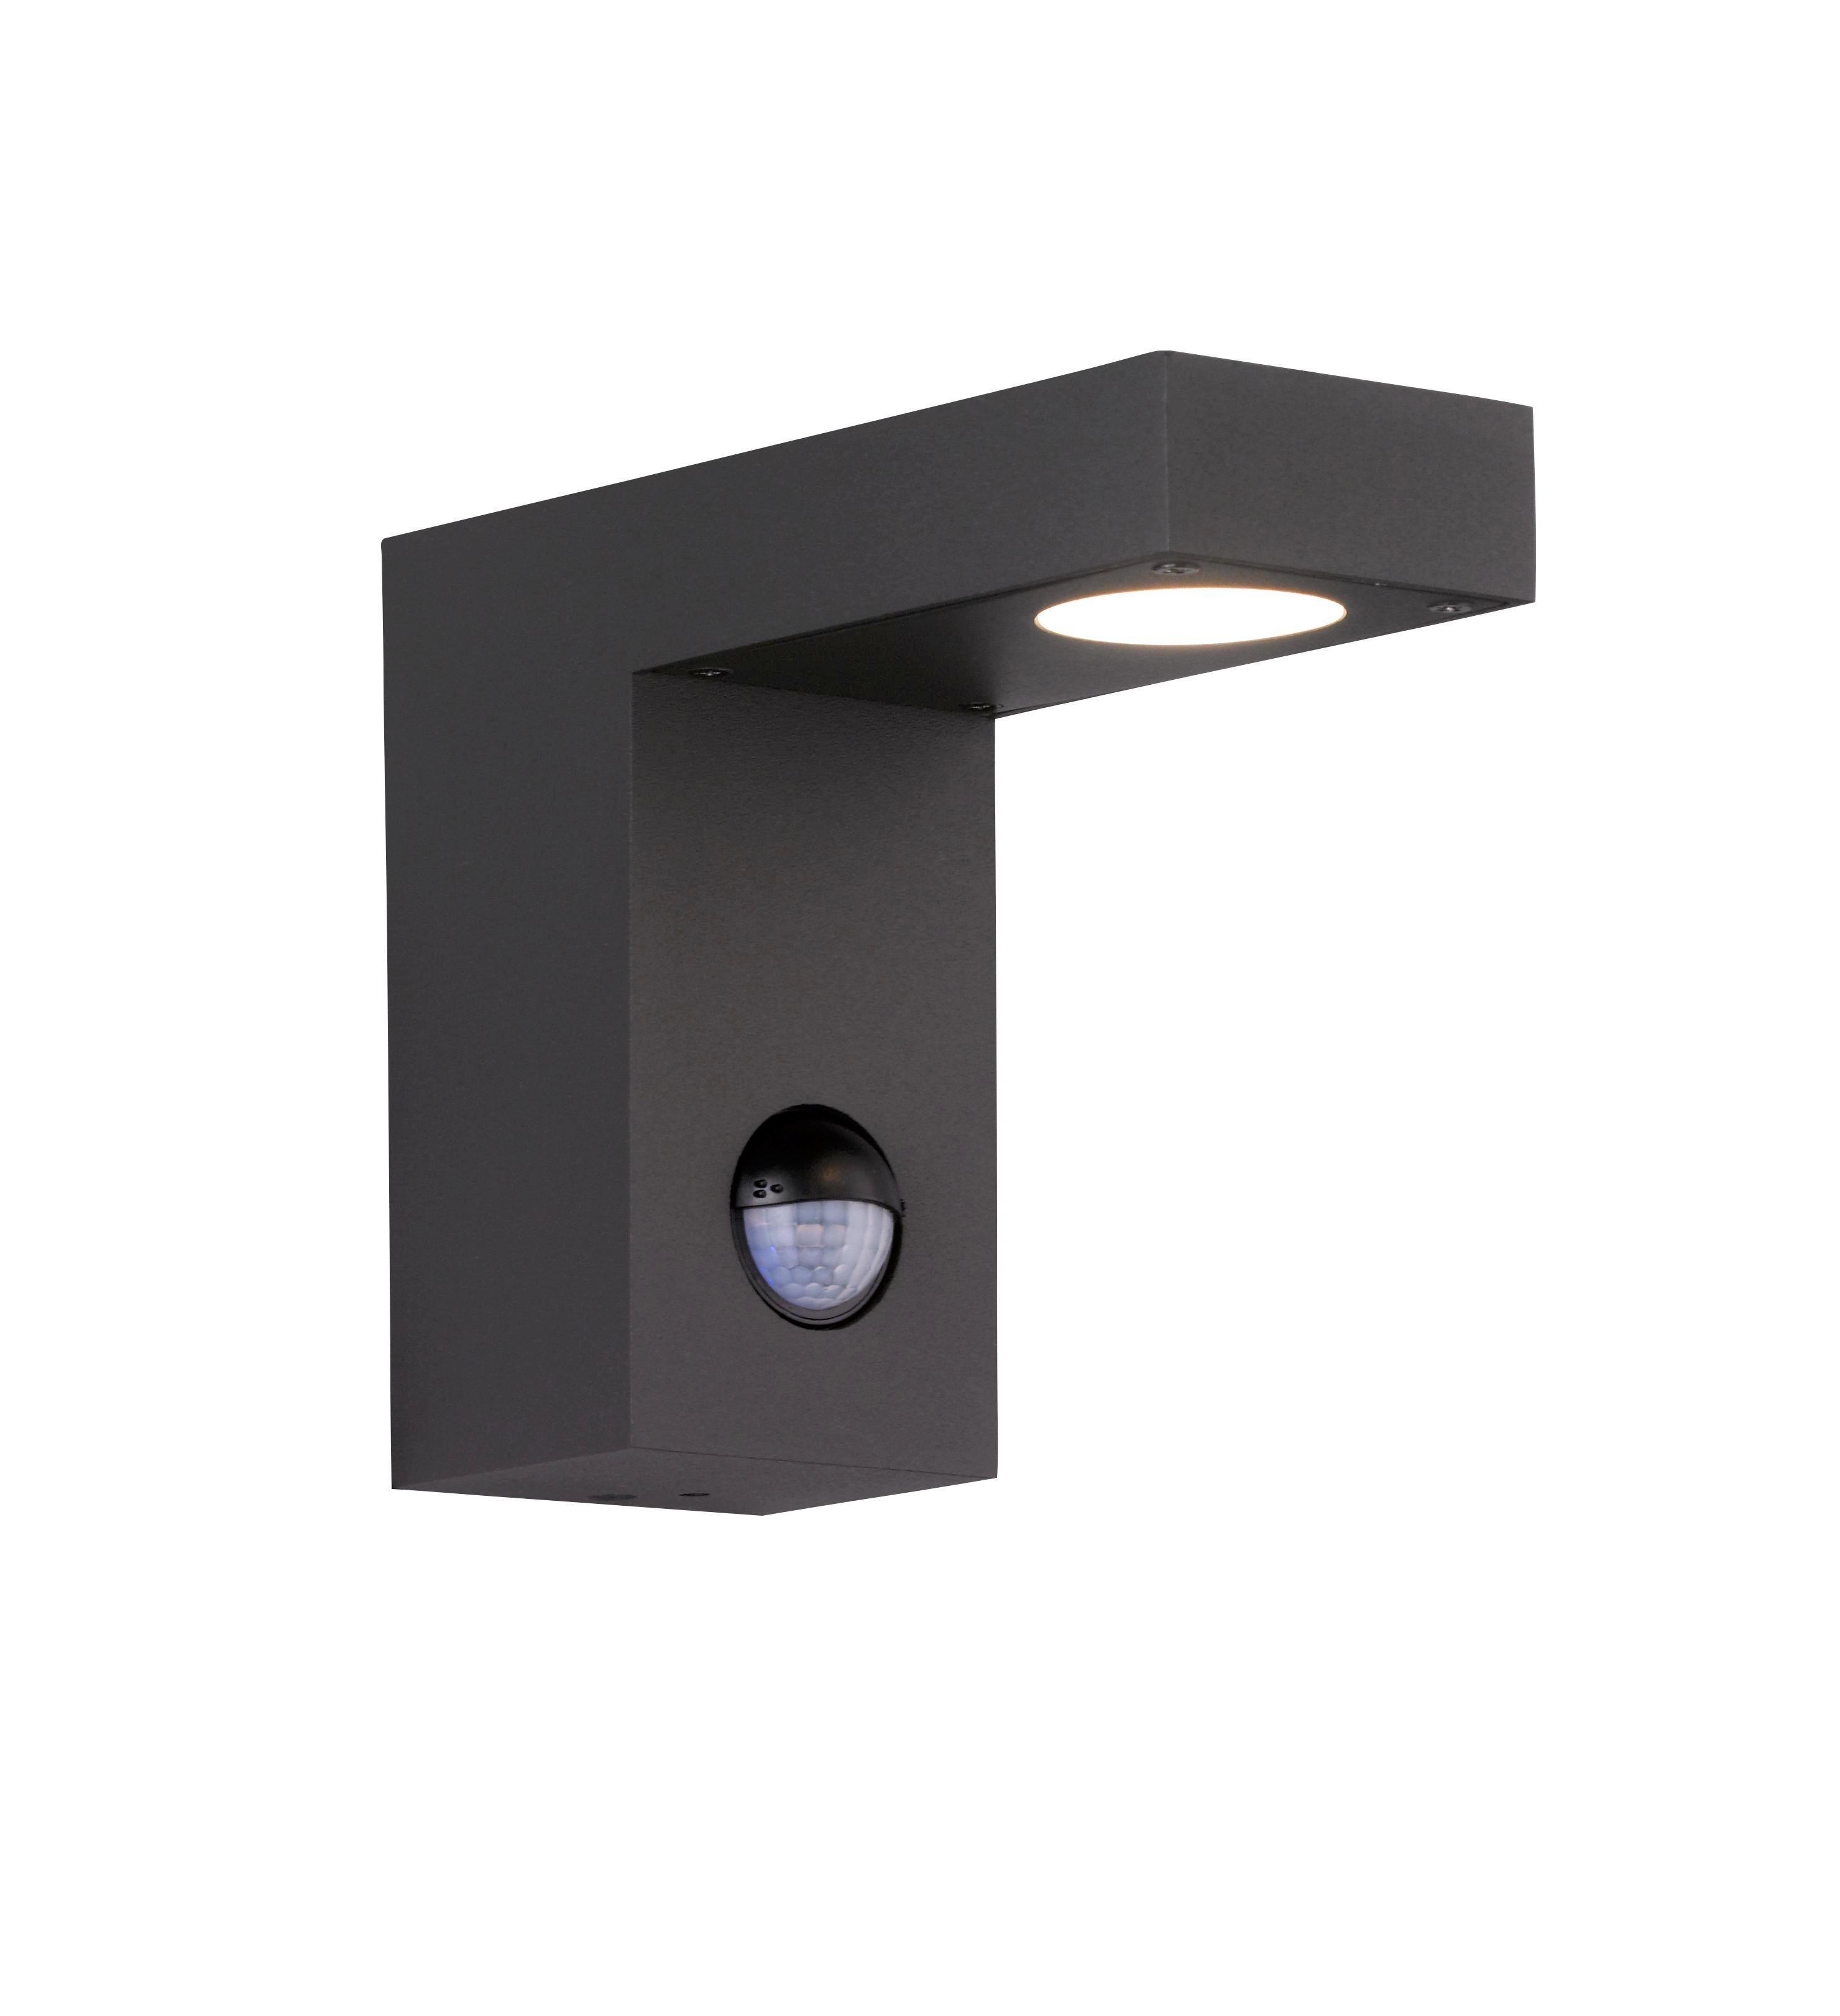 AUßENLEUCHTE - Anthrazit, Design, Metall (12/6/15cm)